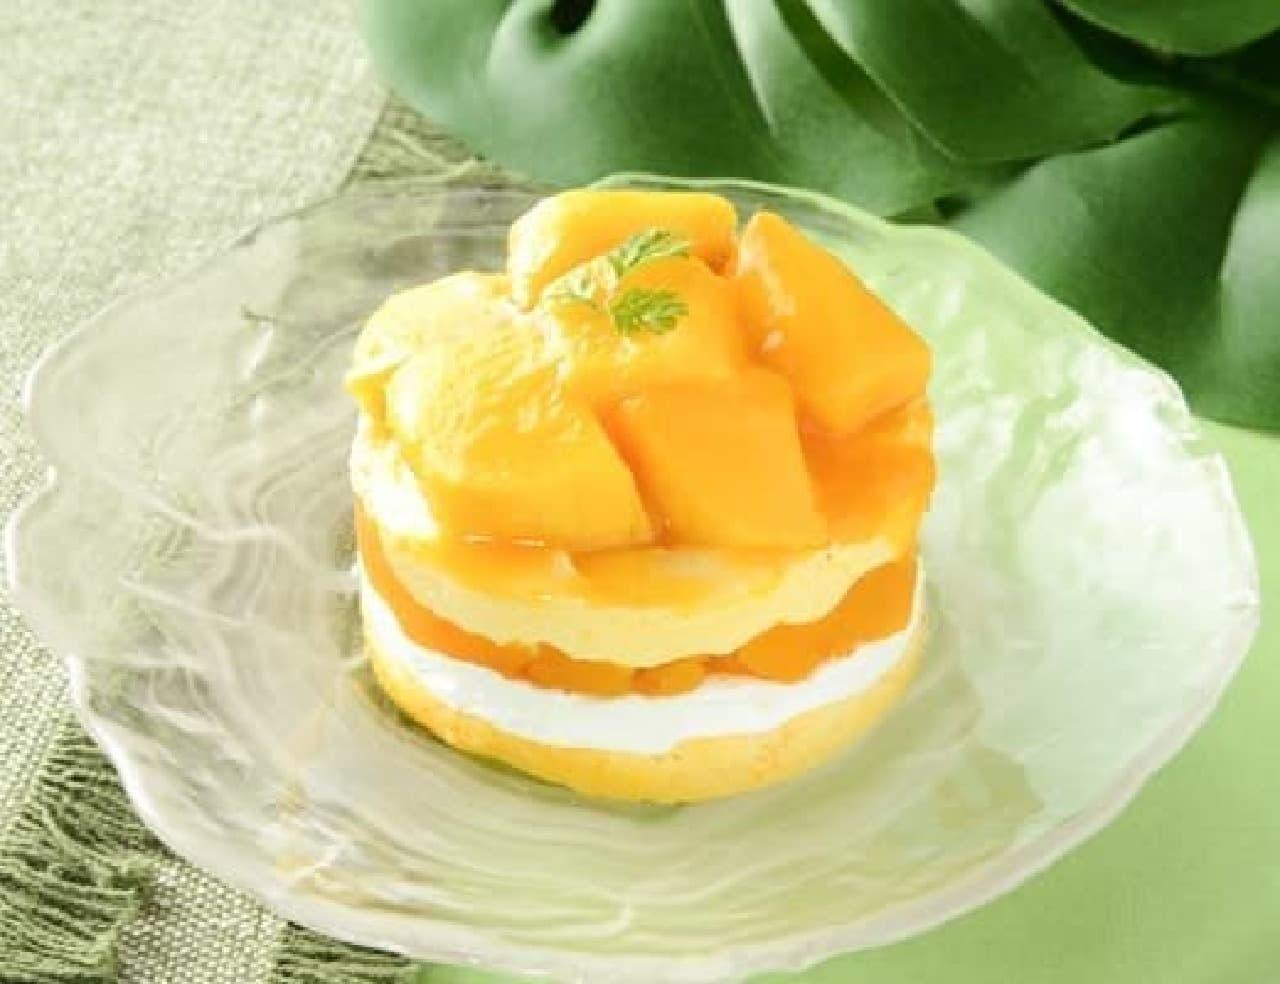 ローソン「マンゴーのショートケーキ」